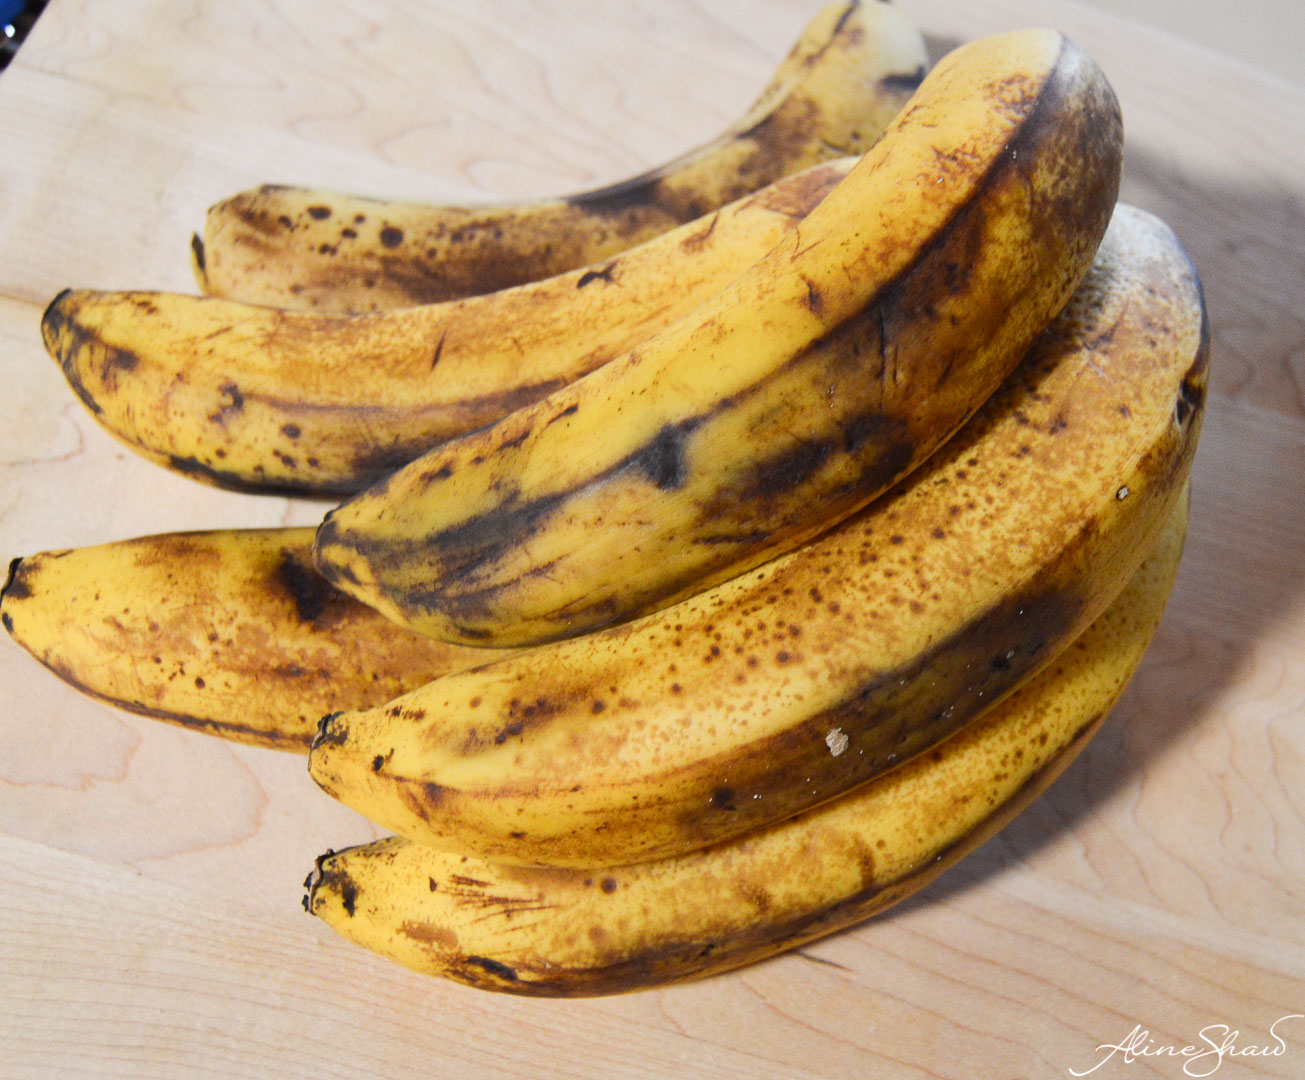 Banana Bread prep